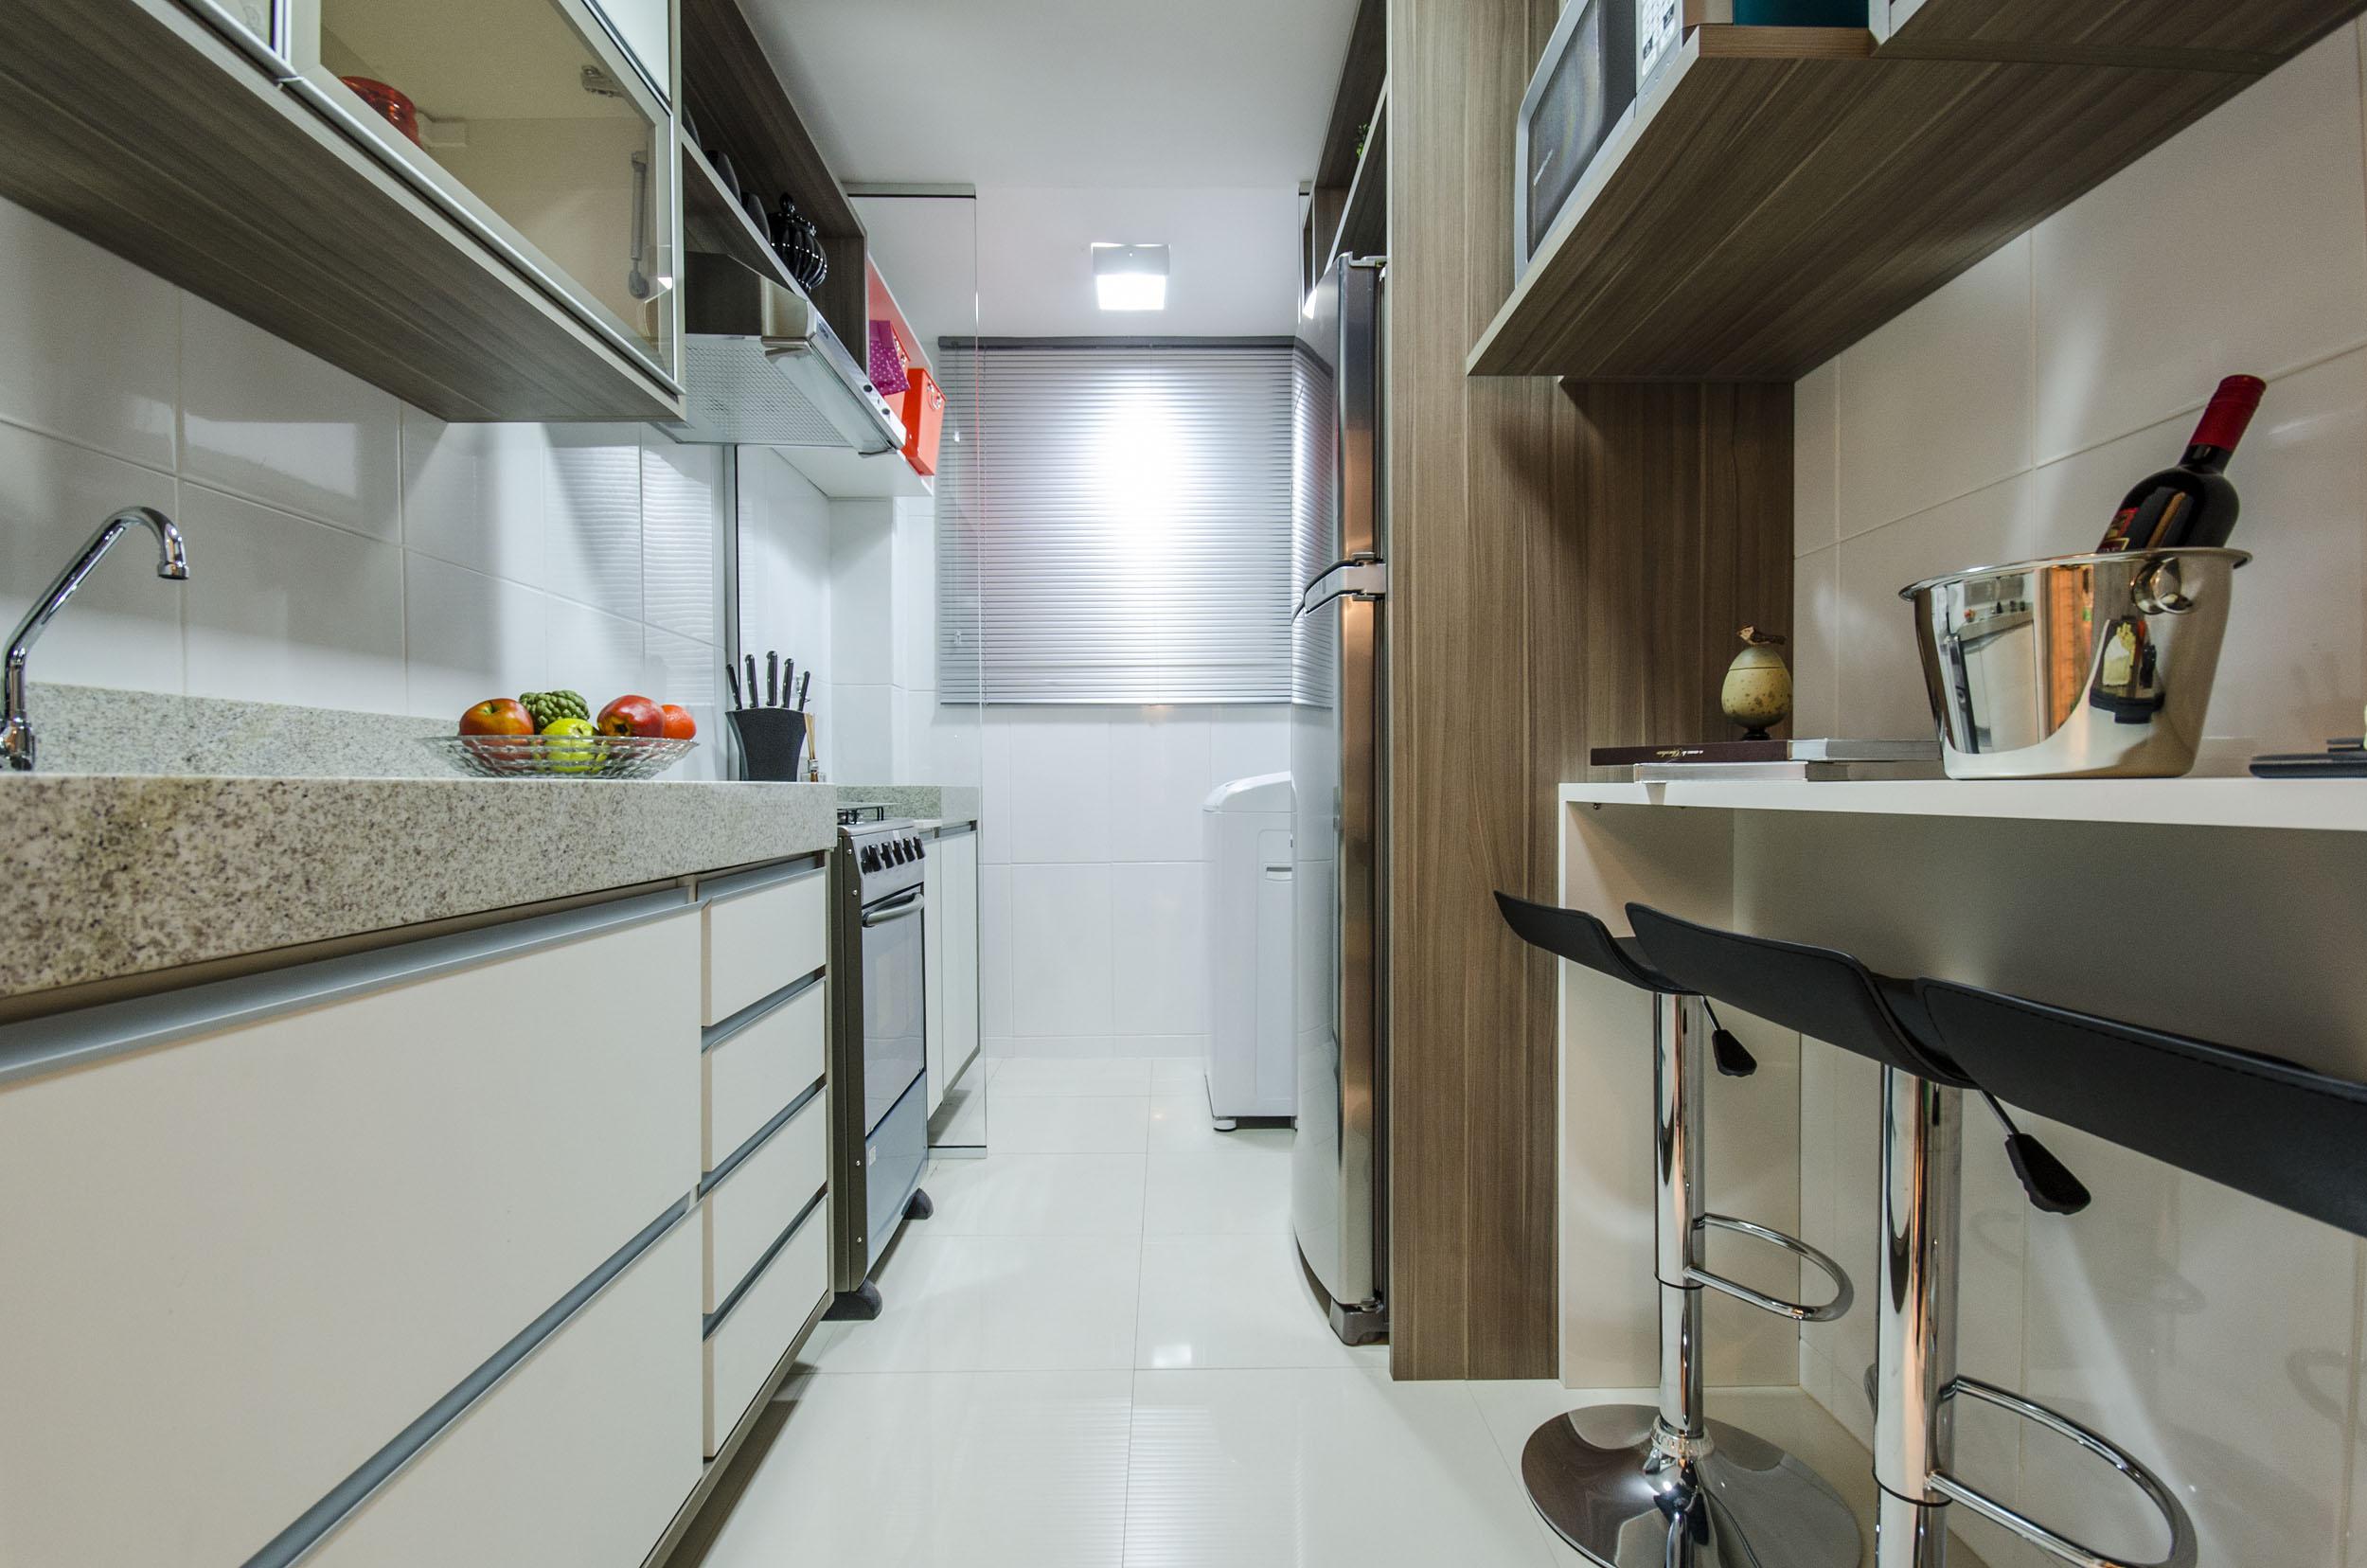 Utensilios Cozinha Gourmet Cozinha Organizada Ganha Charme Com